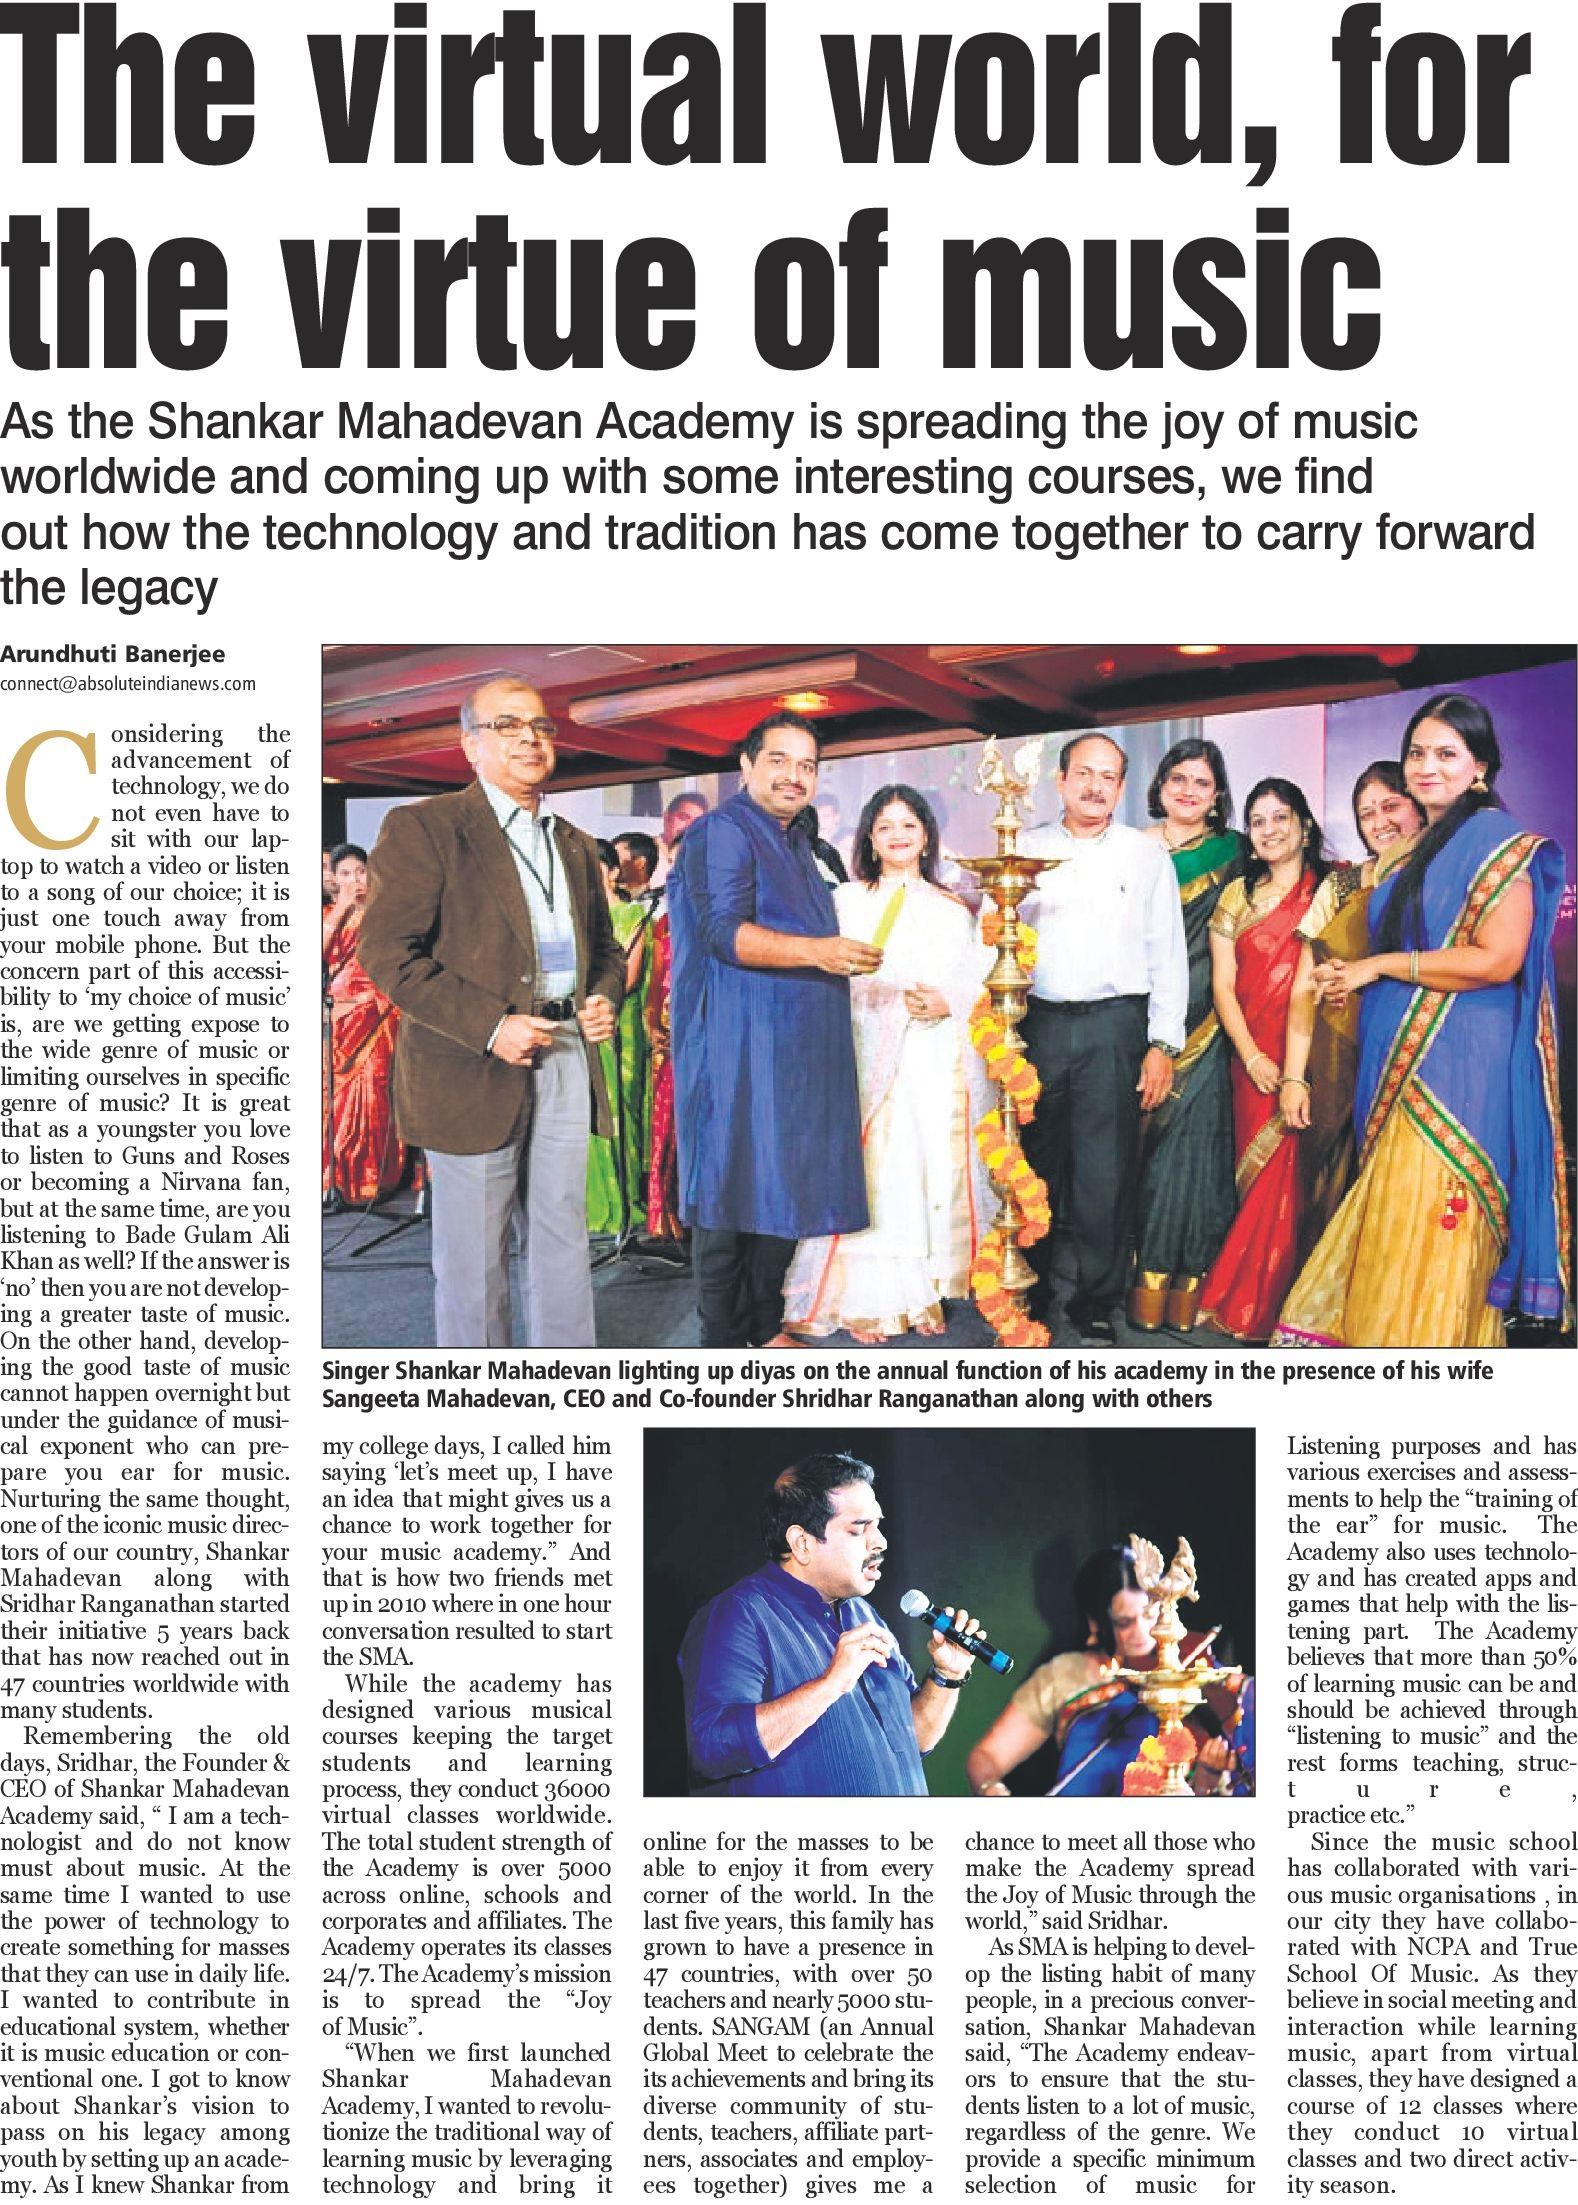 Press | Events | Shankar Mahadevan Academy